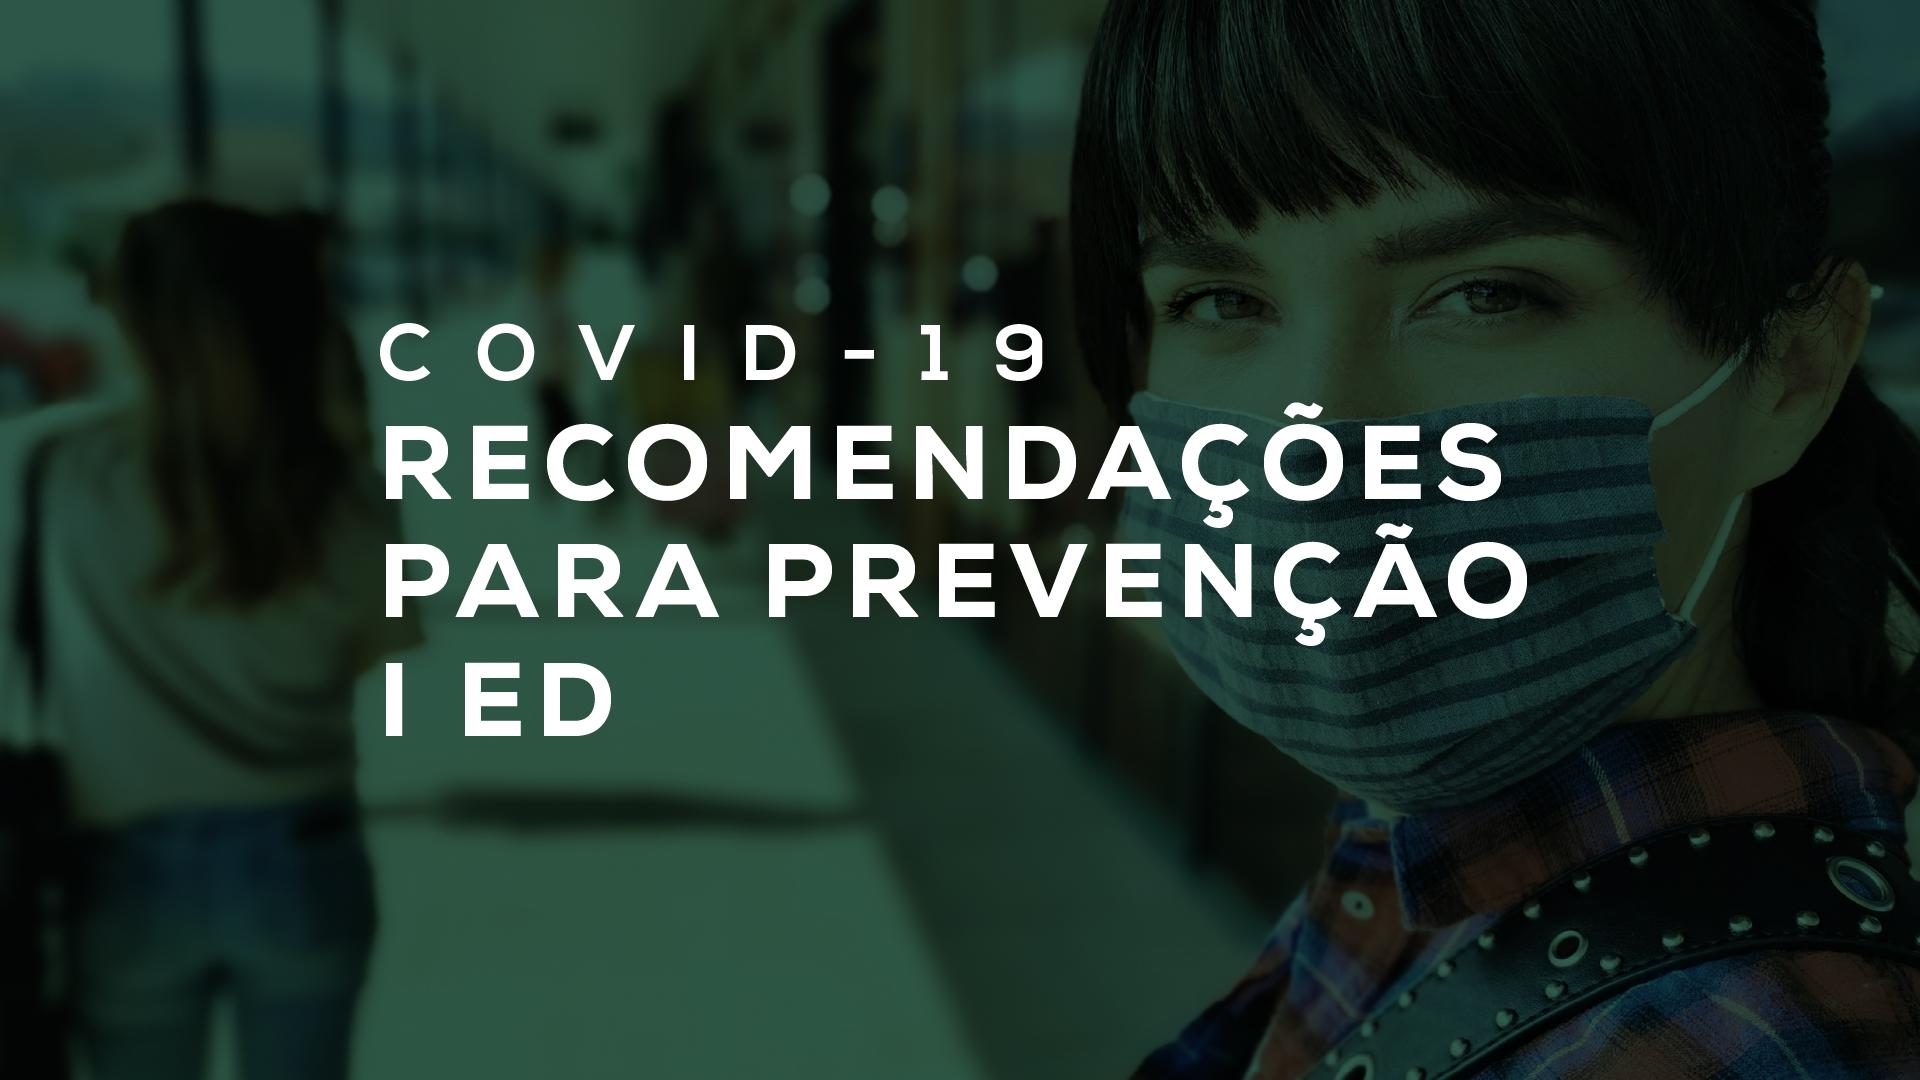 acervo_covid 01. Recomendacoes para prevenção Covid 19 ed1